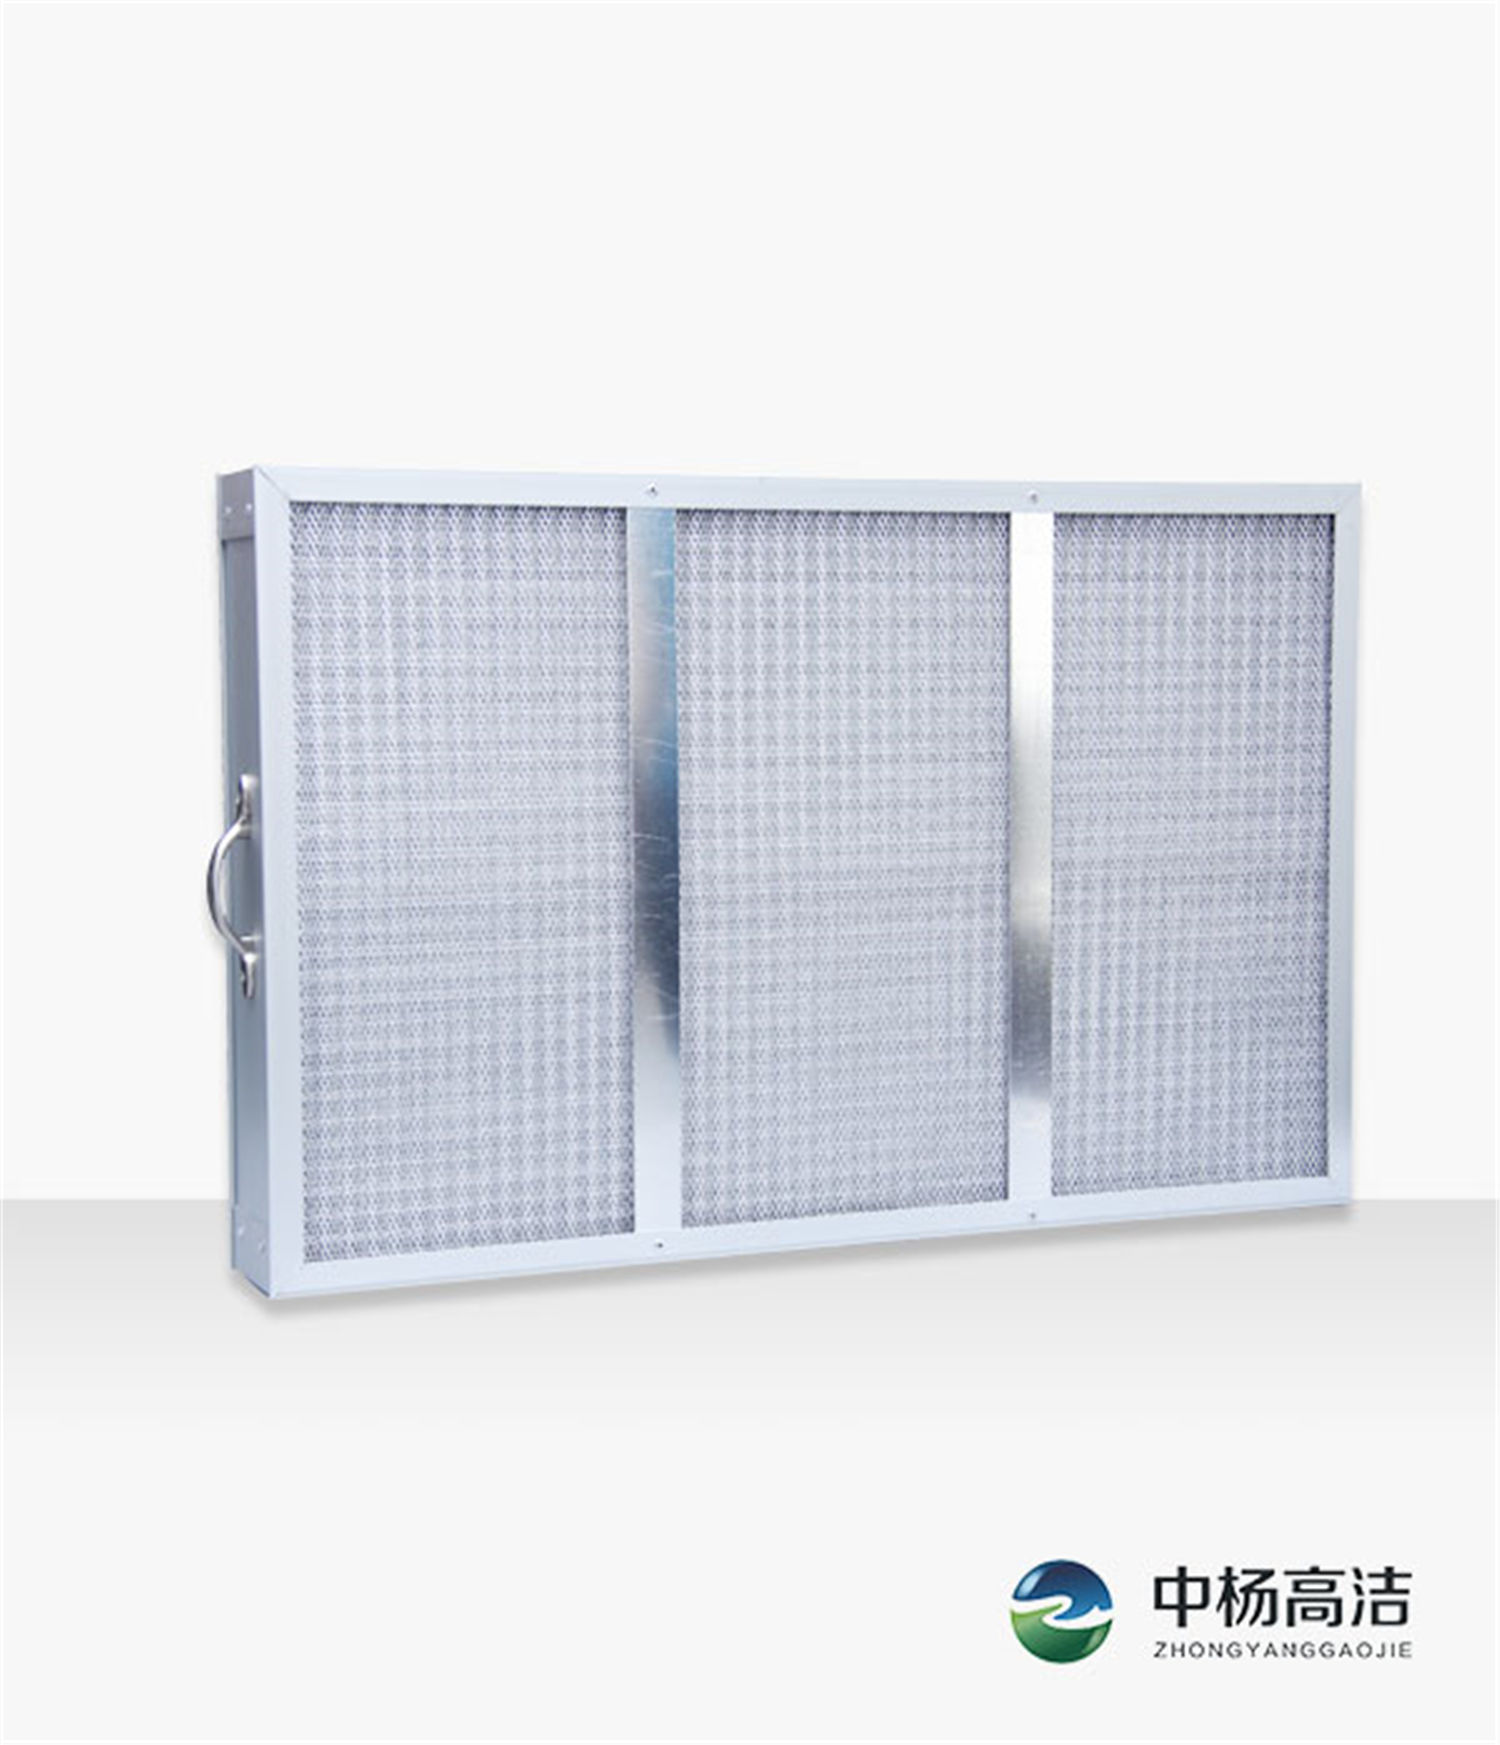 GH金屬孔網過濾器